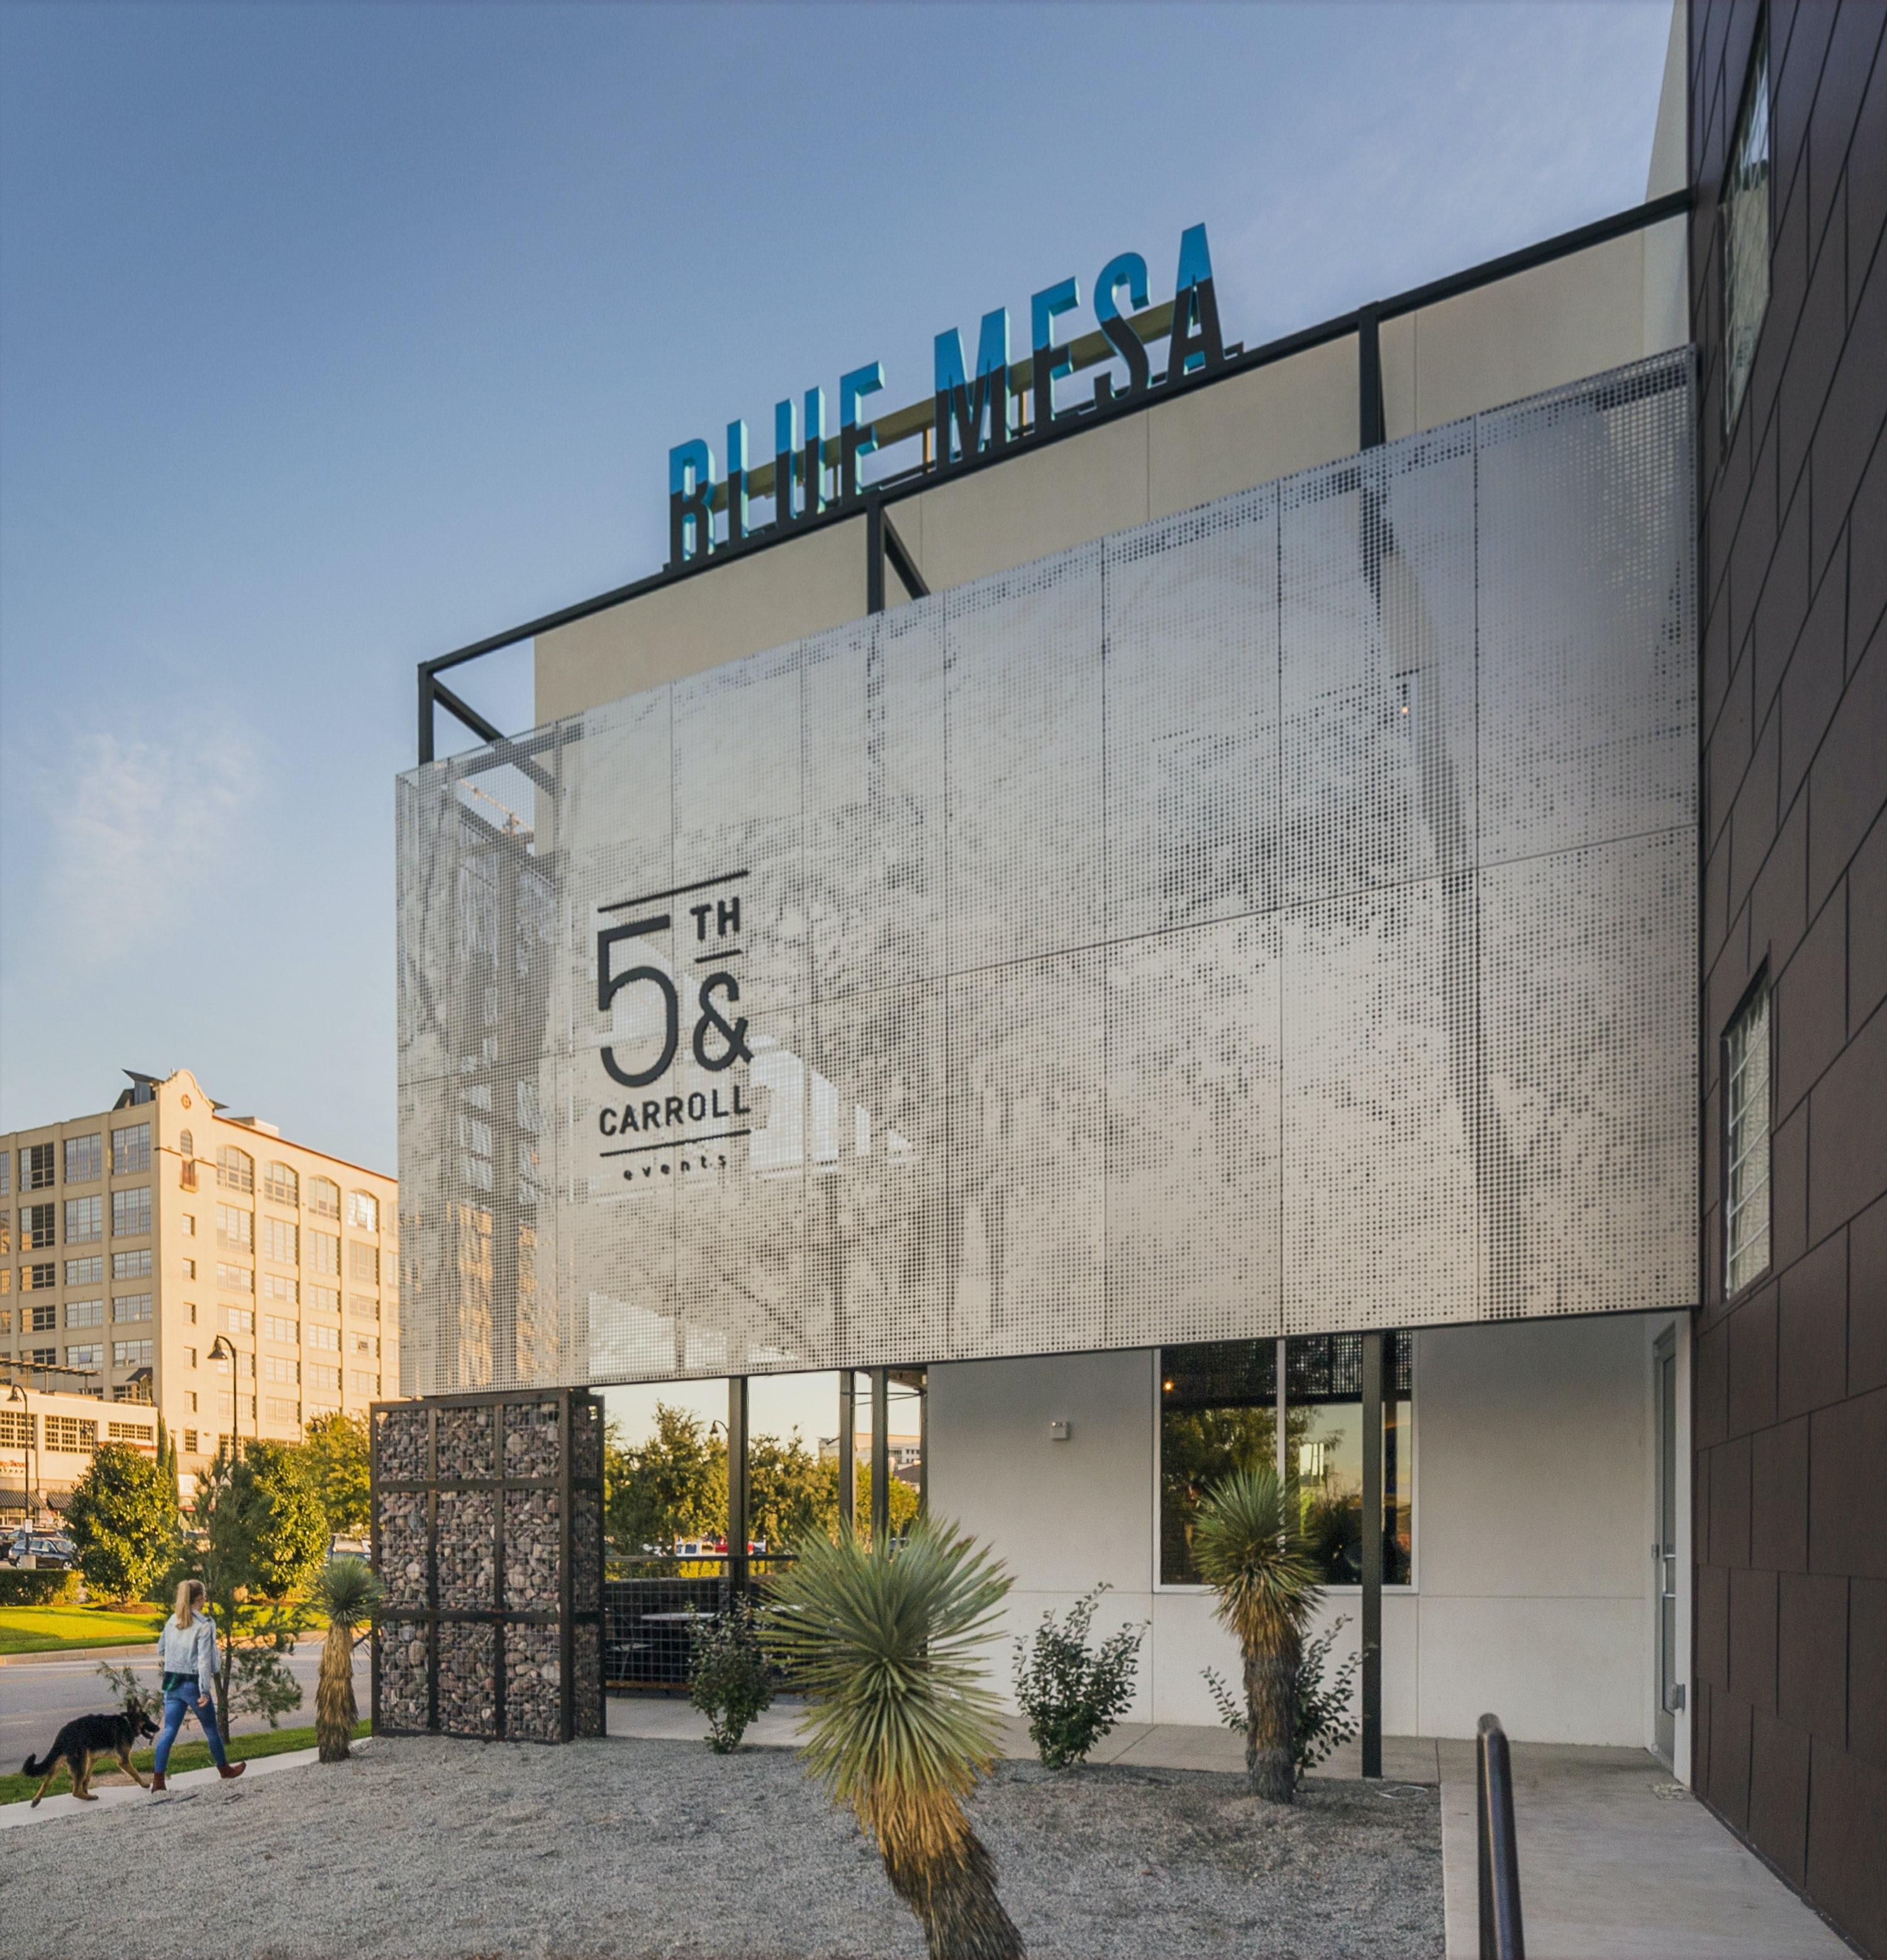 Blue mesa photo c zahner 7427 3